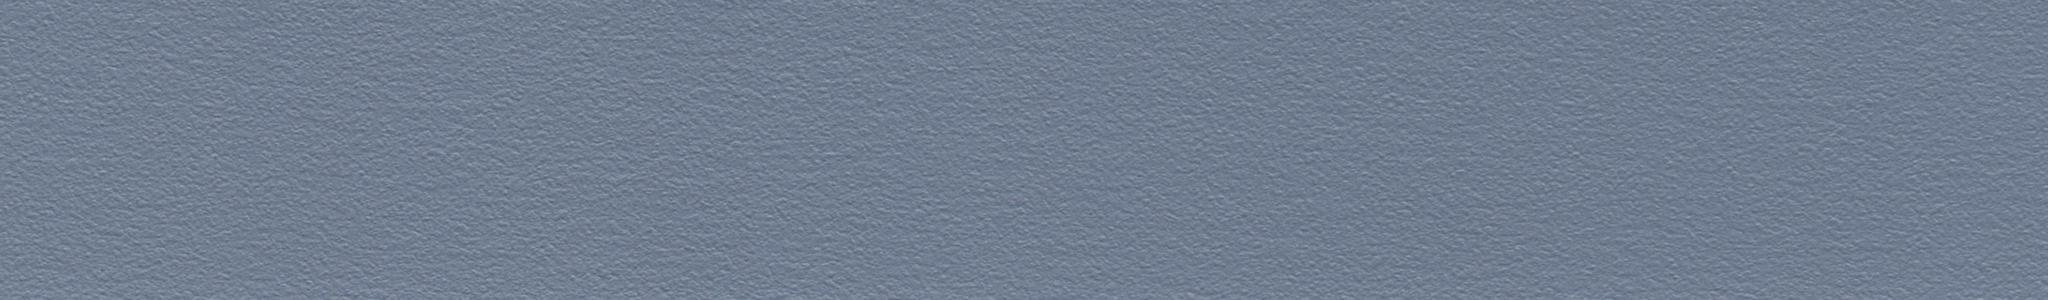 HU 156720 ABS Edge Blue Soft Pearl 107